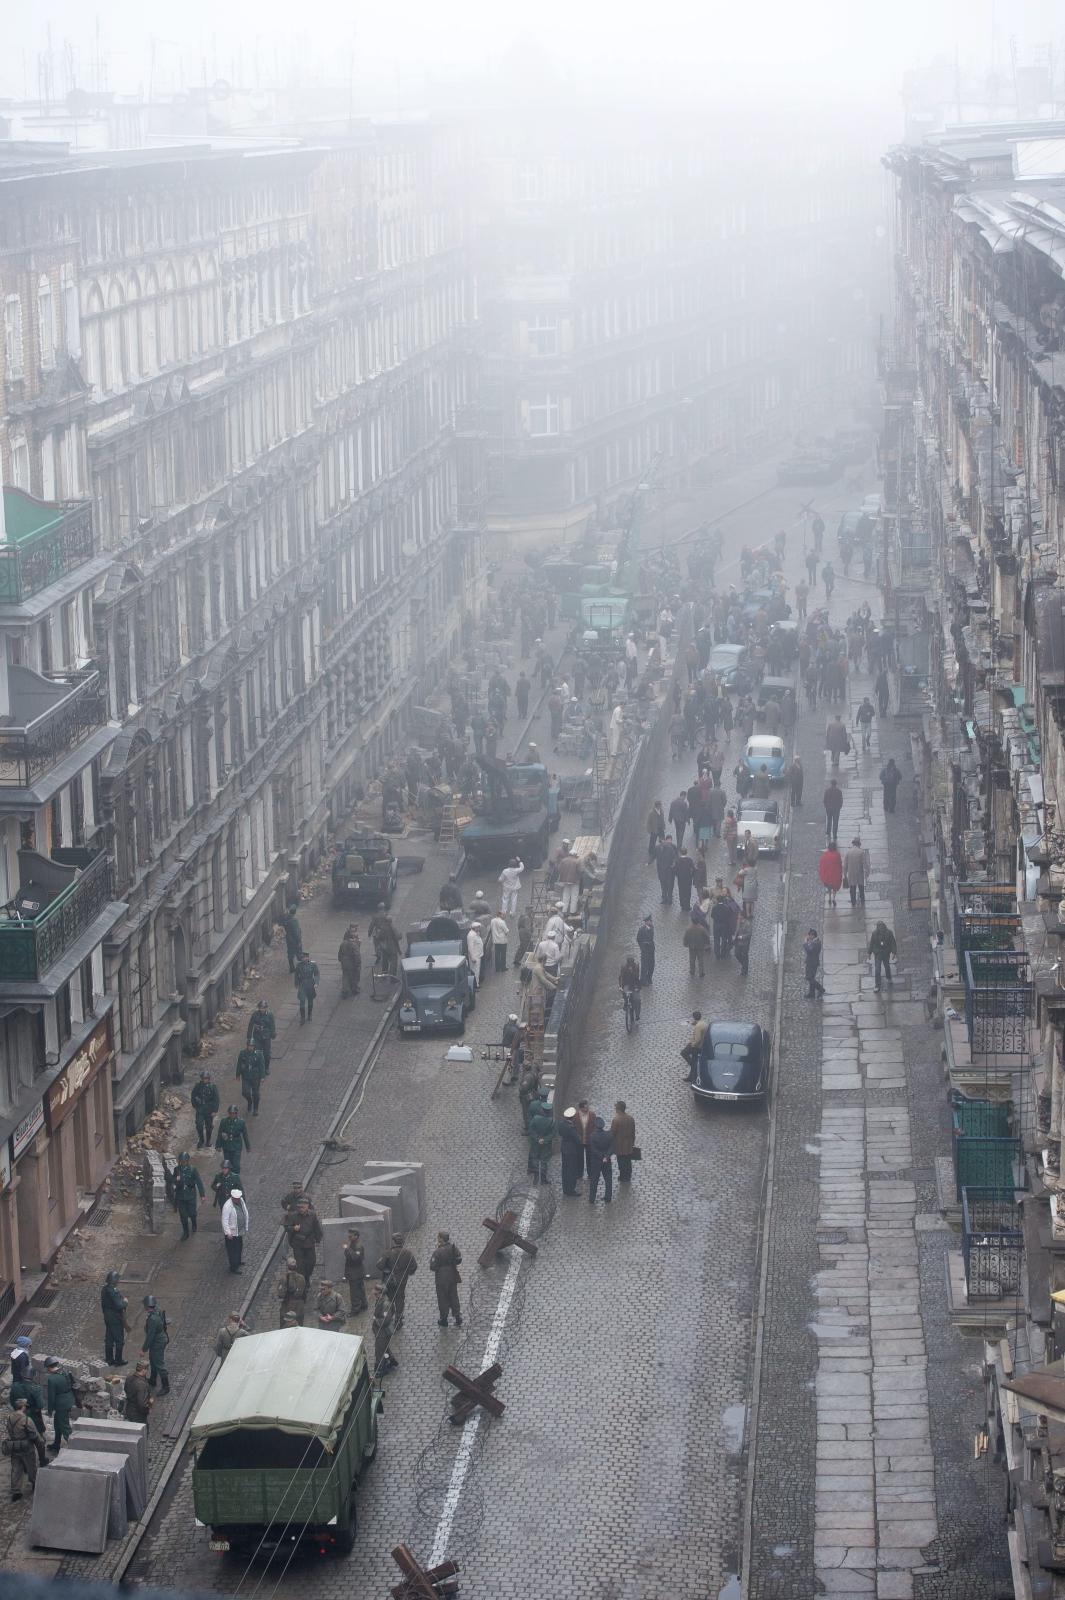 Na ulicy Mierniczej we Wrocławiu ruszyły 17 bm. zdjęcia do najnowszego filmu Stevena Spielberga